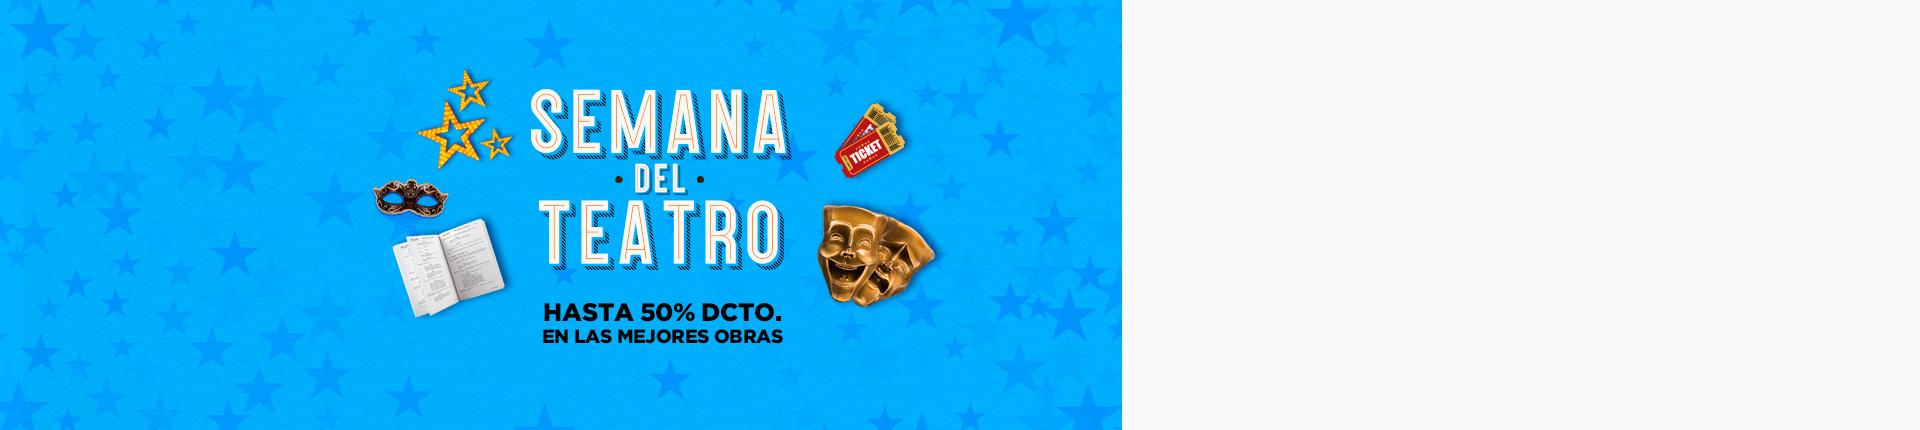 SEMANA DEL TEATRO - Club El Comercio Perú.